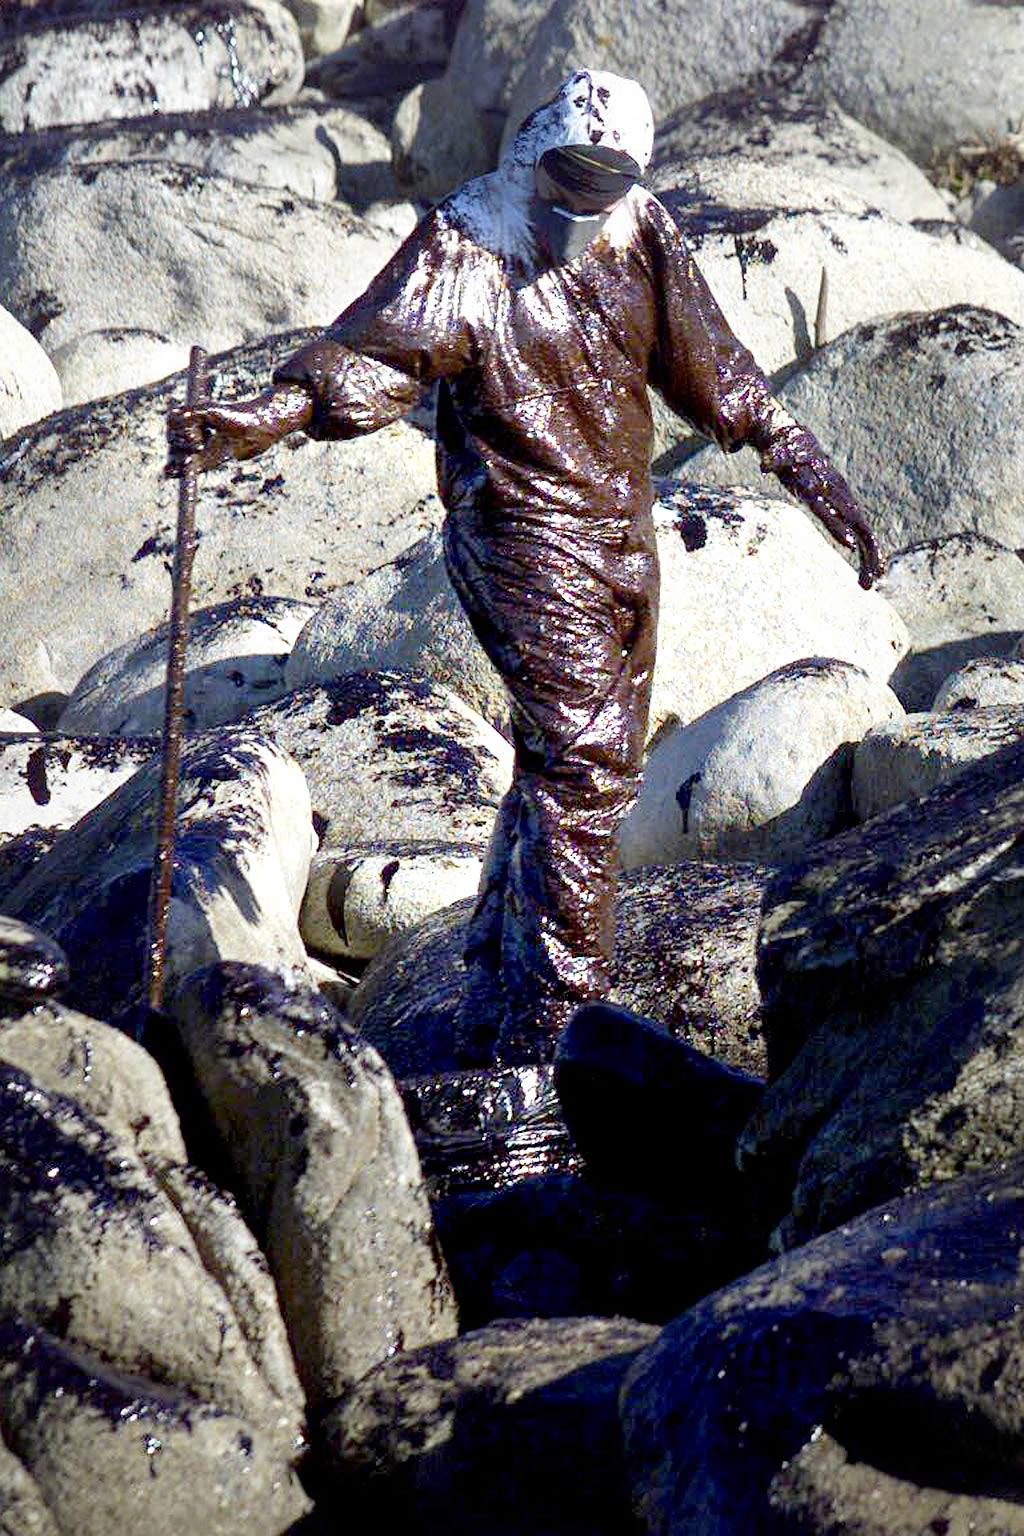 06/12/2002 <br> La costa de Mougás, en Oia, resultó fuertemente dañada por la marea negra del «Prestige» <br>Óscar Vázquez